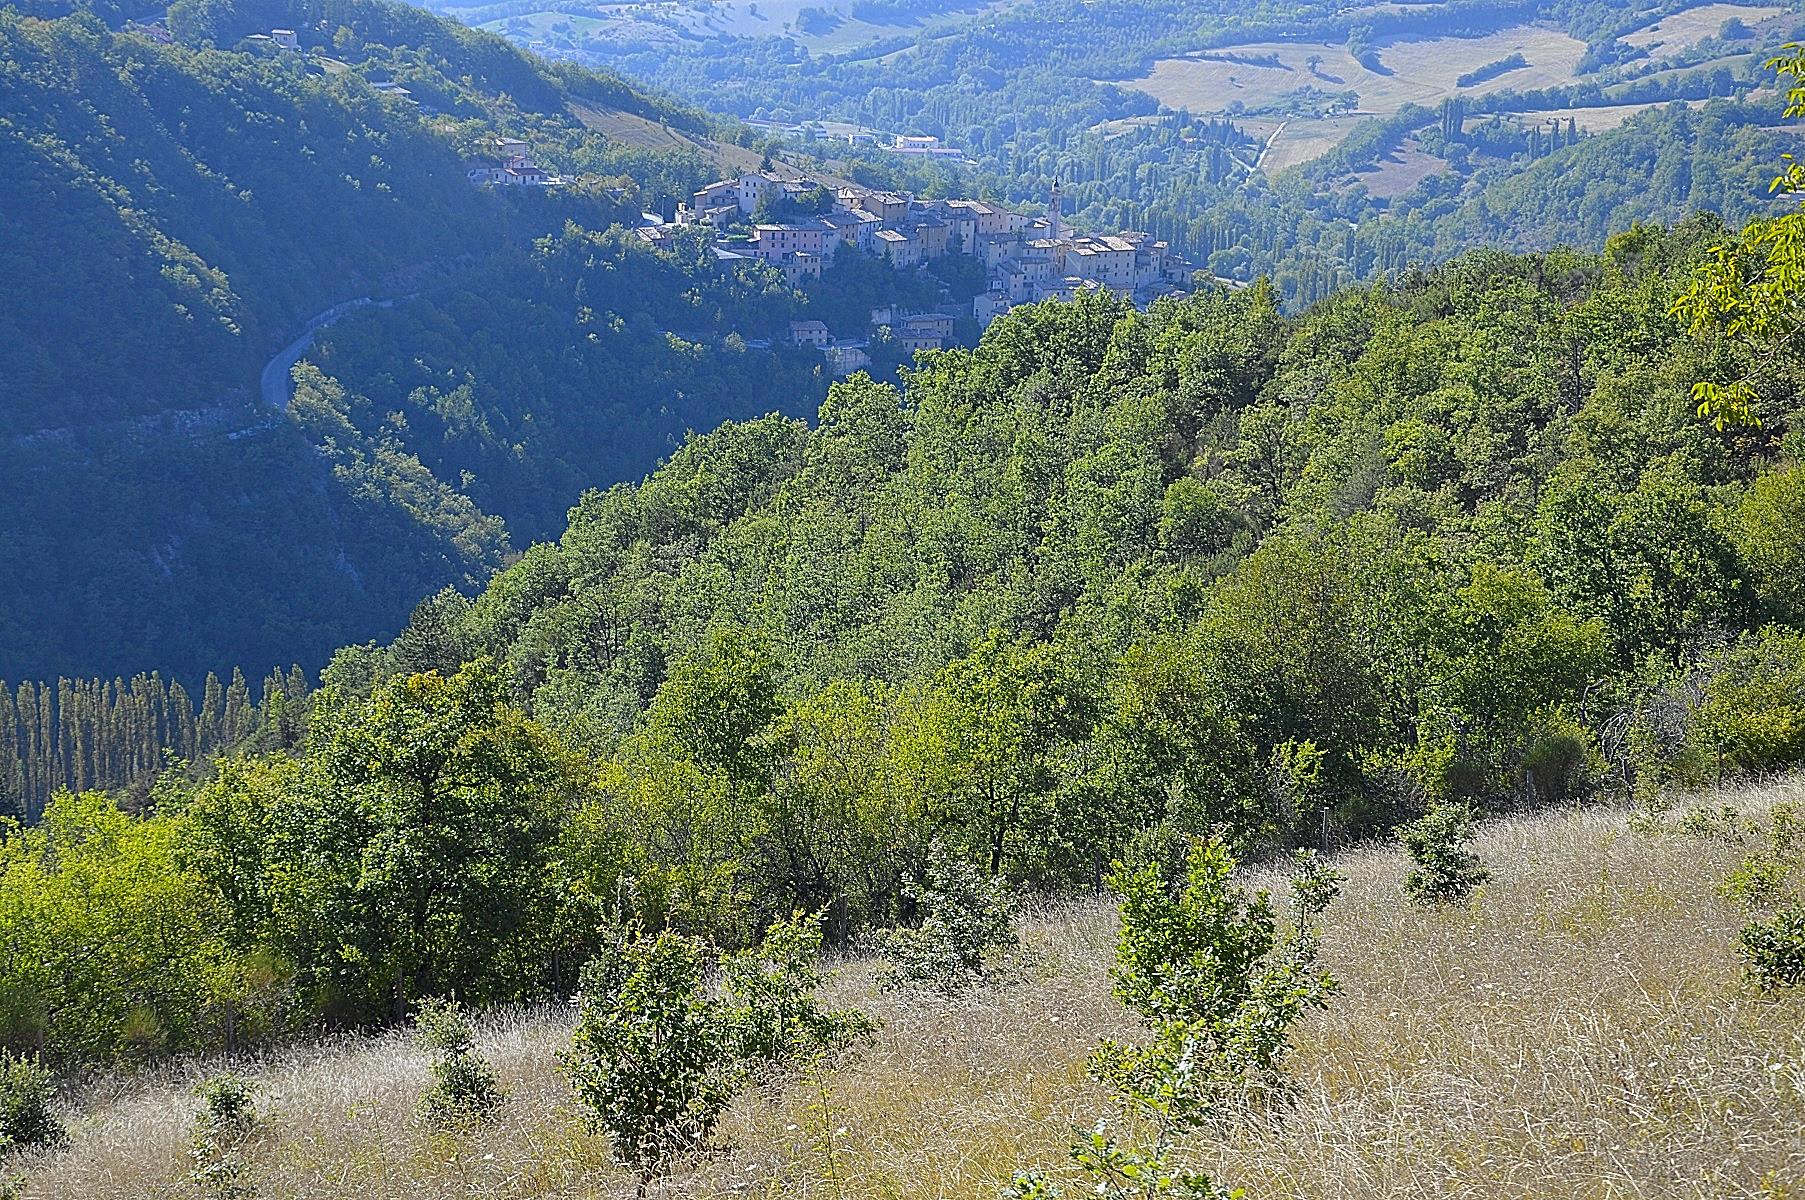 Terreno Agricolo in vendita a Preci, 9999 locali, zona Località: Preci-Centro, prezzo € 60.000 | Cambio Casa.it